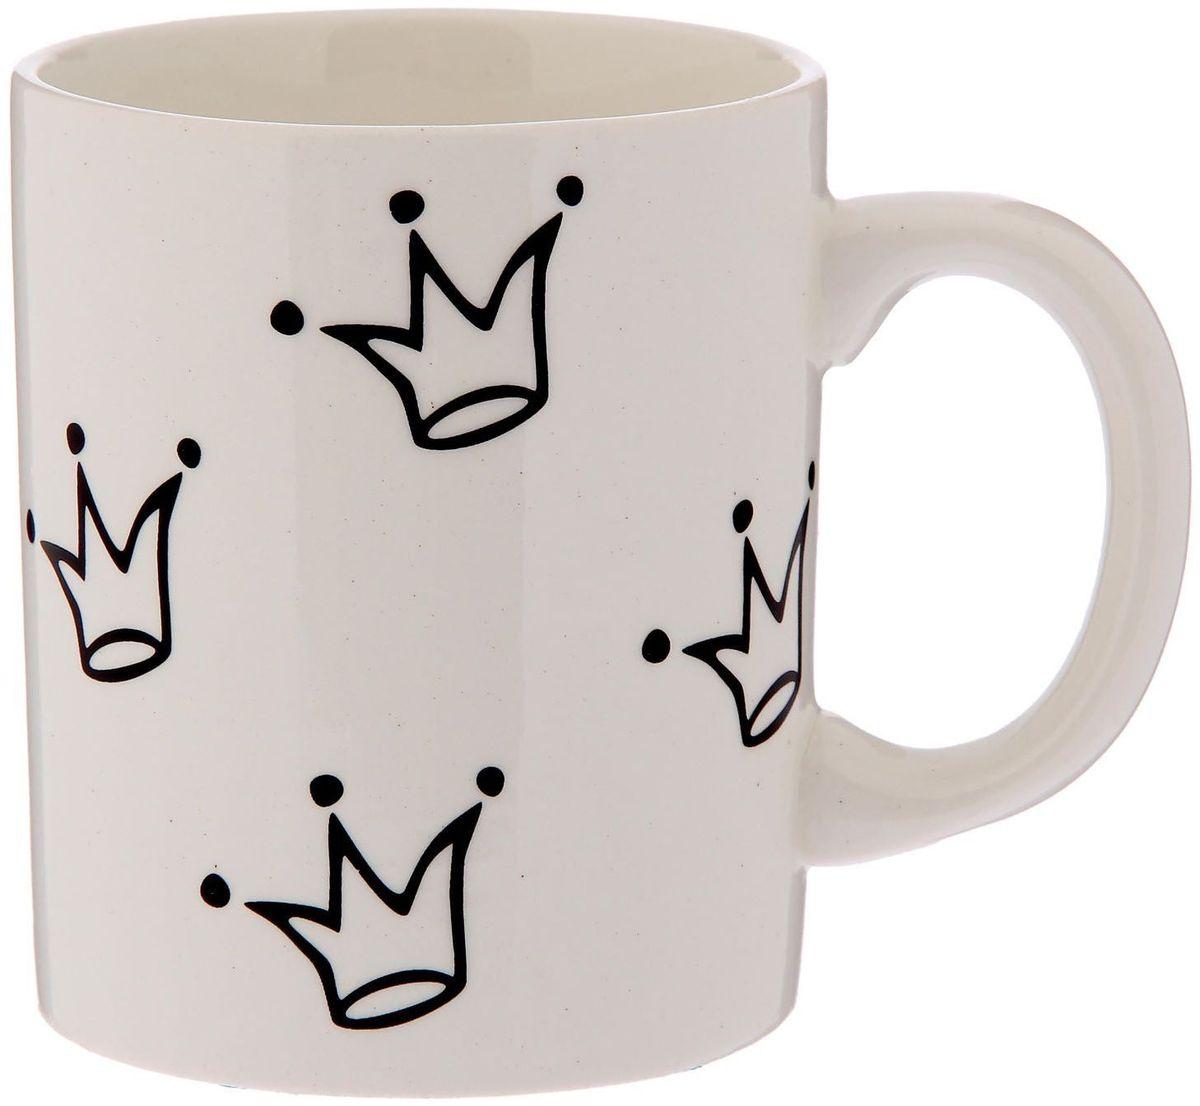 Кружка Сотвори чудо My Little Crown, 320 мл2277830Хотите обновить интерьер кухни или гостиной? Устраиваете необычную фотосессию или тематический праздник? А может, просто ищете подарок для близкого человека? Кружка станет любимым аксессуаром на долгие годы. Относитесь к изделию бережно, и оно будет дарить прекрасное настроение каждый день!